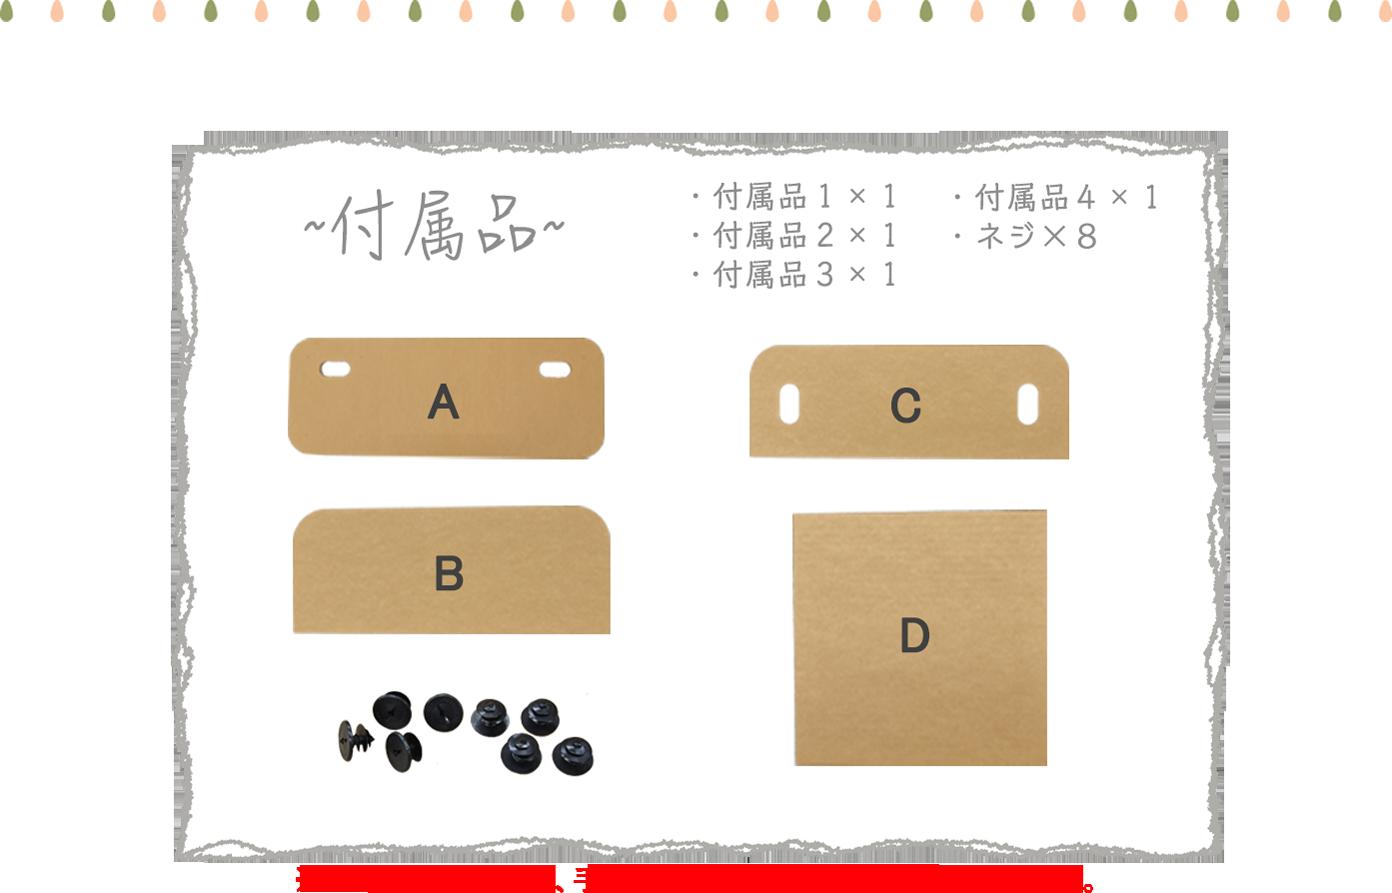 付属品A×1 付属品B×1 付属品C× 付属品D×1 ネジ×8 ※ネジが樹脂なので、手をケガしないように十分にご注意ください。